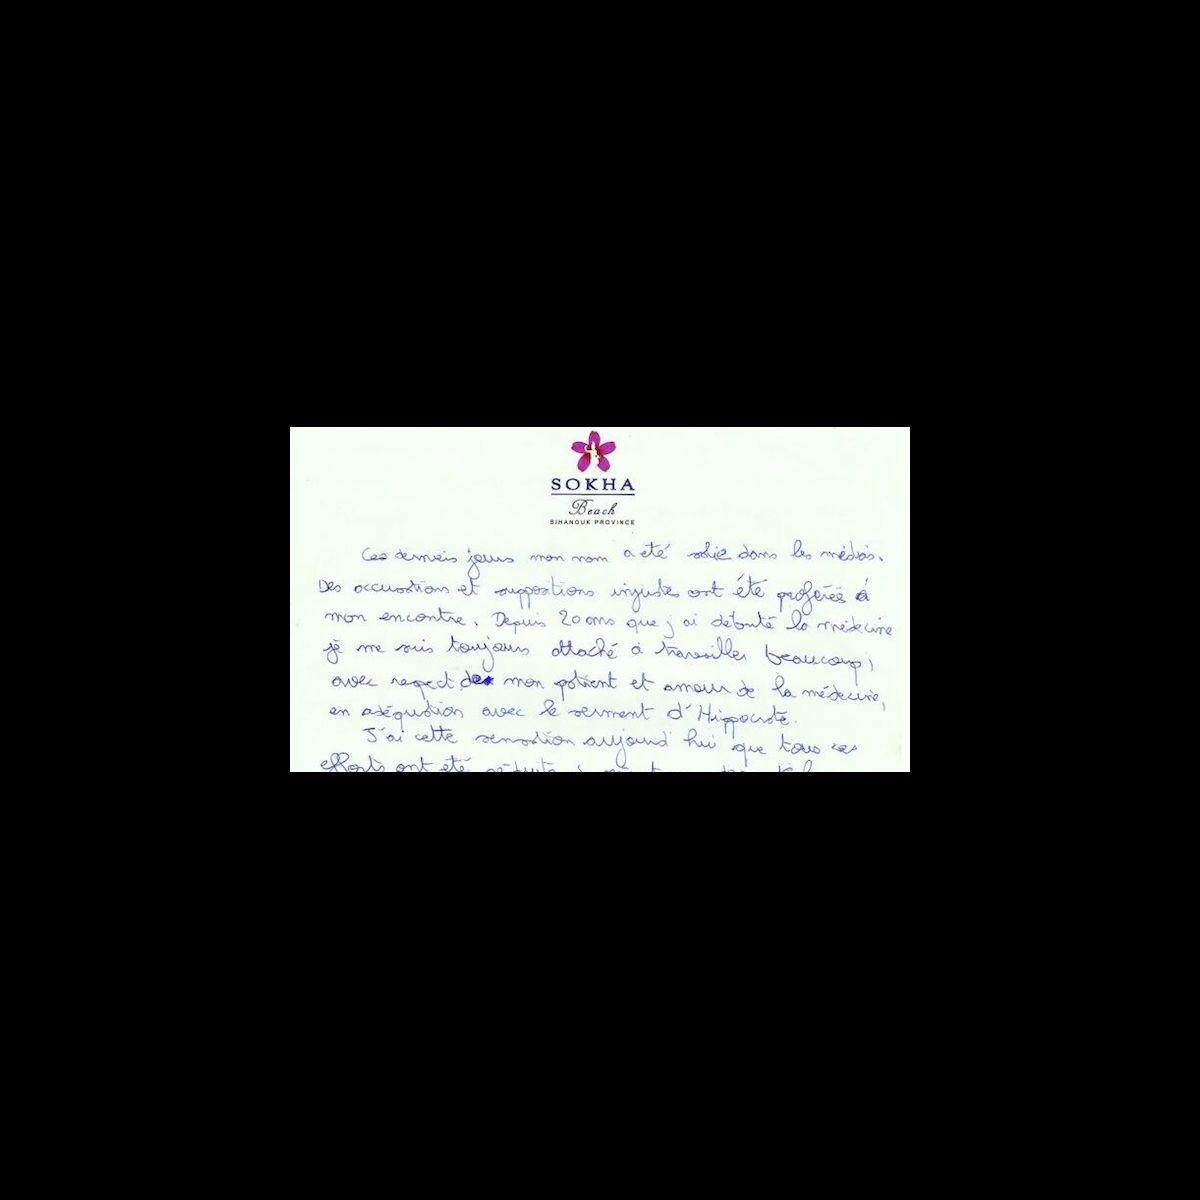 La lettre de suicide de thierry costa m decin de koh lanta pho - Lettre de motivation koh lanta ...